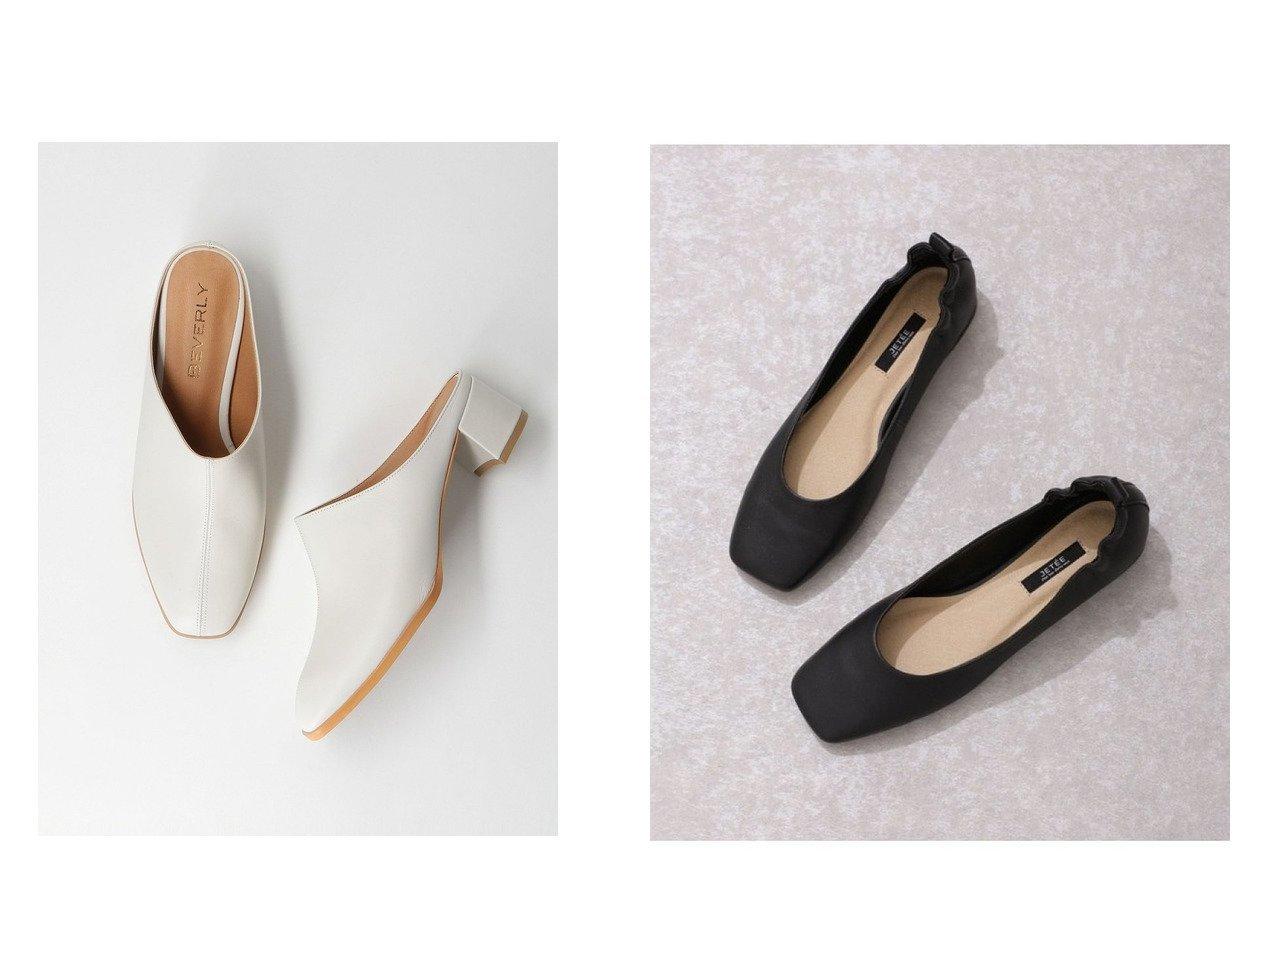 【JETTE/ジュテ】の洗える靴 ウォッシャブルフラットシューズ&【BEAUTY&YOUTH UNITED ARROWS/ビューティアンド ユースユナイテッドアローズ】のBEVERLY レザースクエアトゥスライダーミュール シューズ・靴のおすすめ!人気、トレンド・レディースファッションの通販 おすすめで人気の流行・トレンド、ファッションの通販商品 メンズファッション・キッズファッション・インテリア・家具・レディースファッション・服の通販 founy(ファニー) https://founy.com/ ファッション Fashion レディースファッション WOMEN インソール 洗える クッション シューズ シンプル フィット フラット 再入荷 Restock/Back in Stock/Re Arrival NEW・新作・新着・新入荷 New Arrivals コレクション サンダル トレンド フォルム ミュール 春 Spring |ID:crp329100000011798